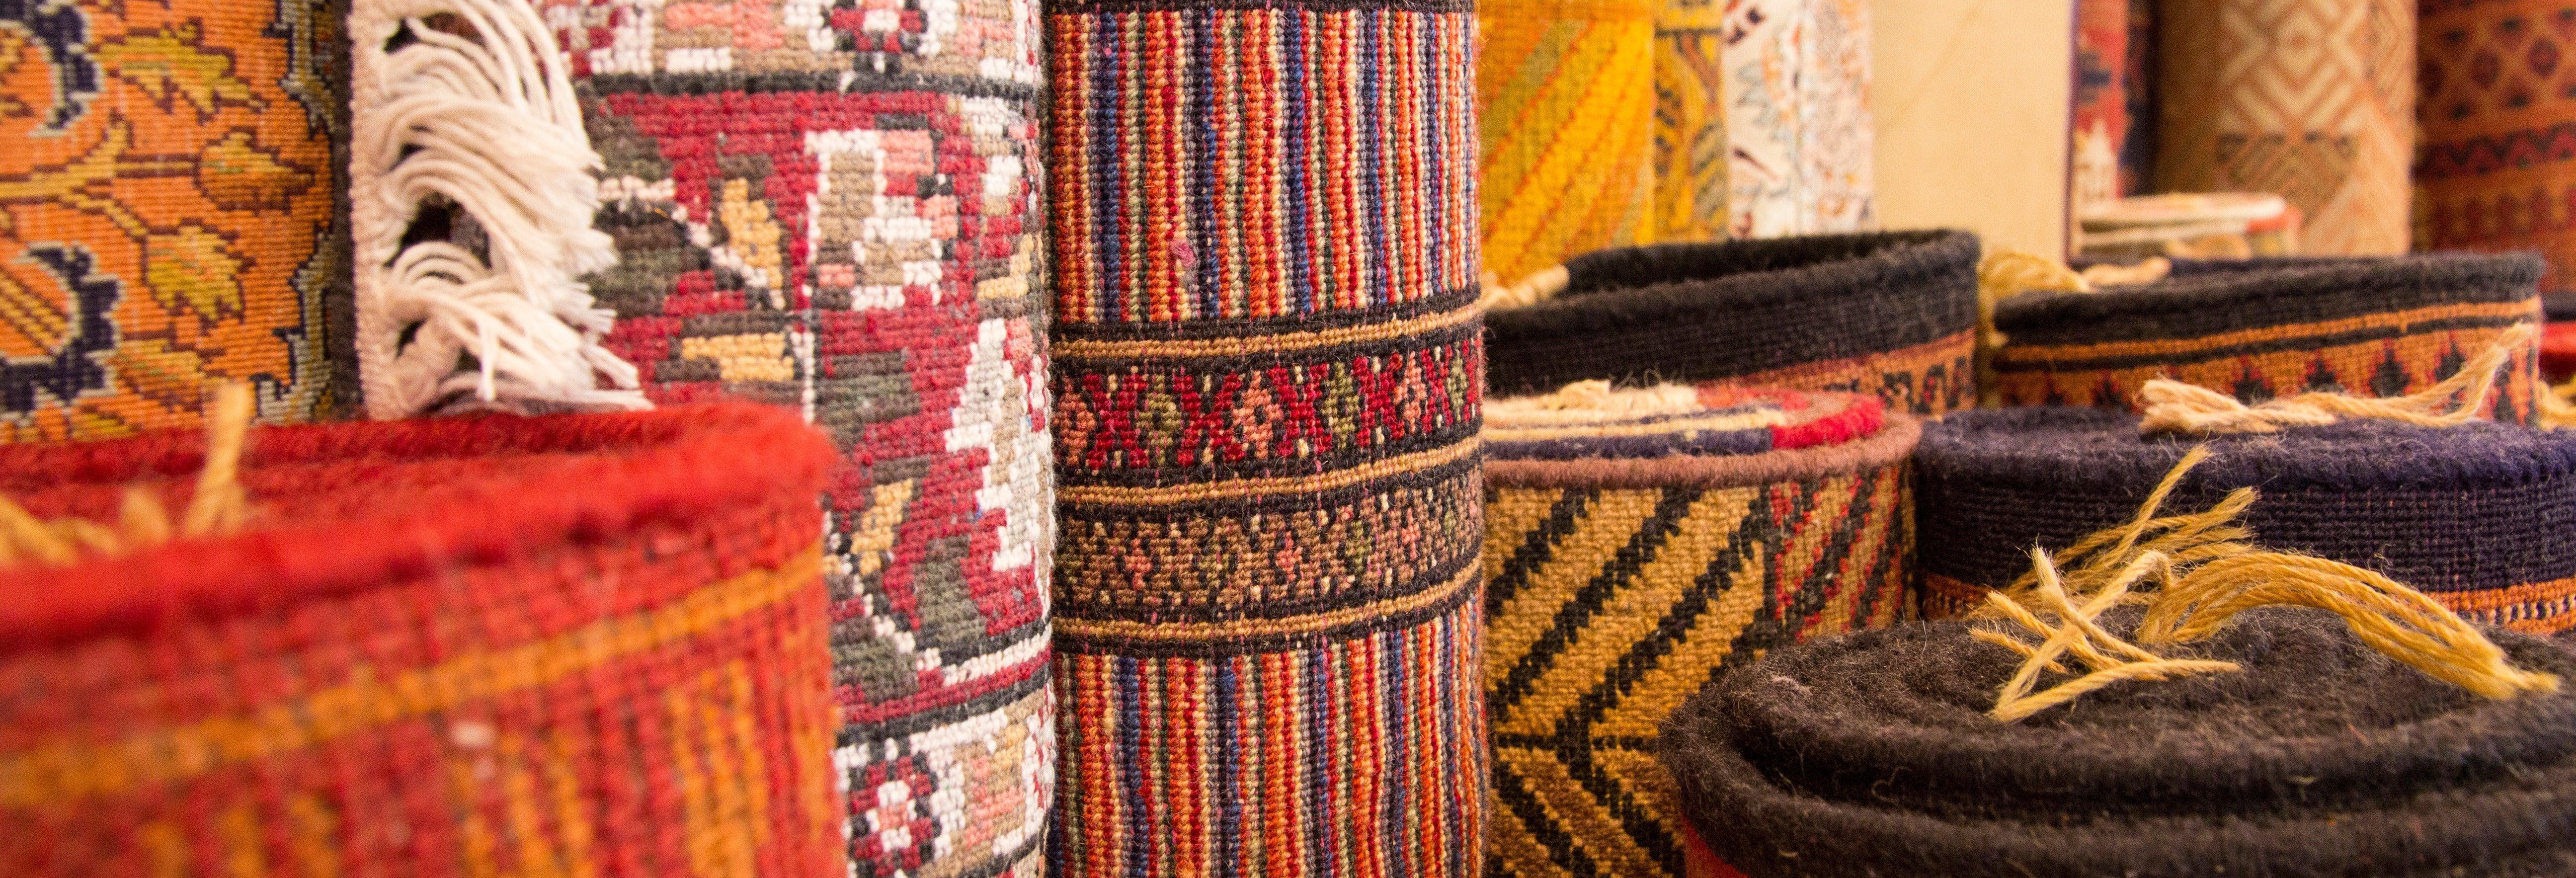 Tour de la artesanía por Jaipur